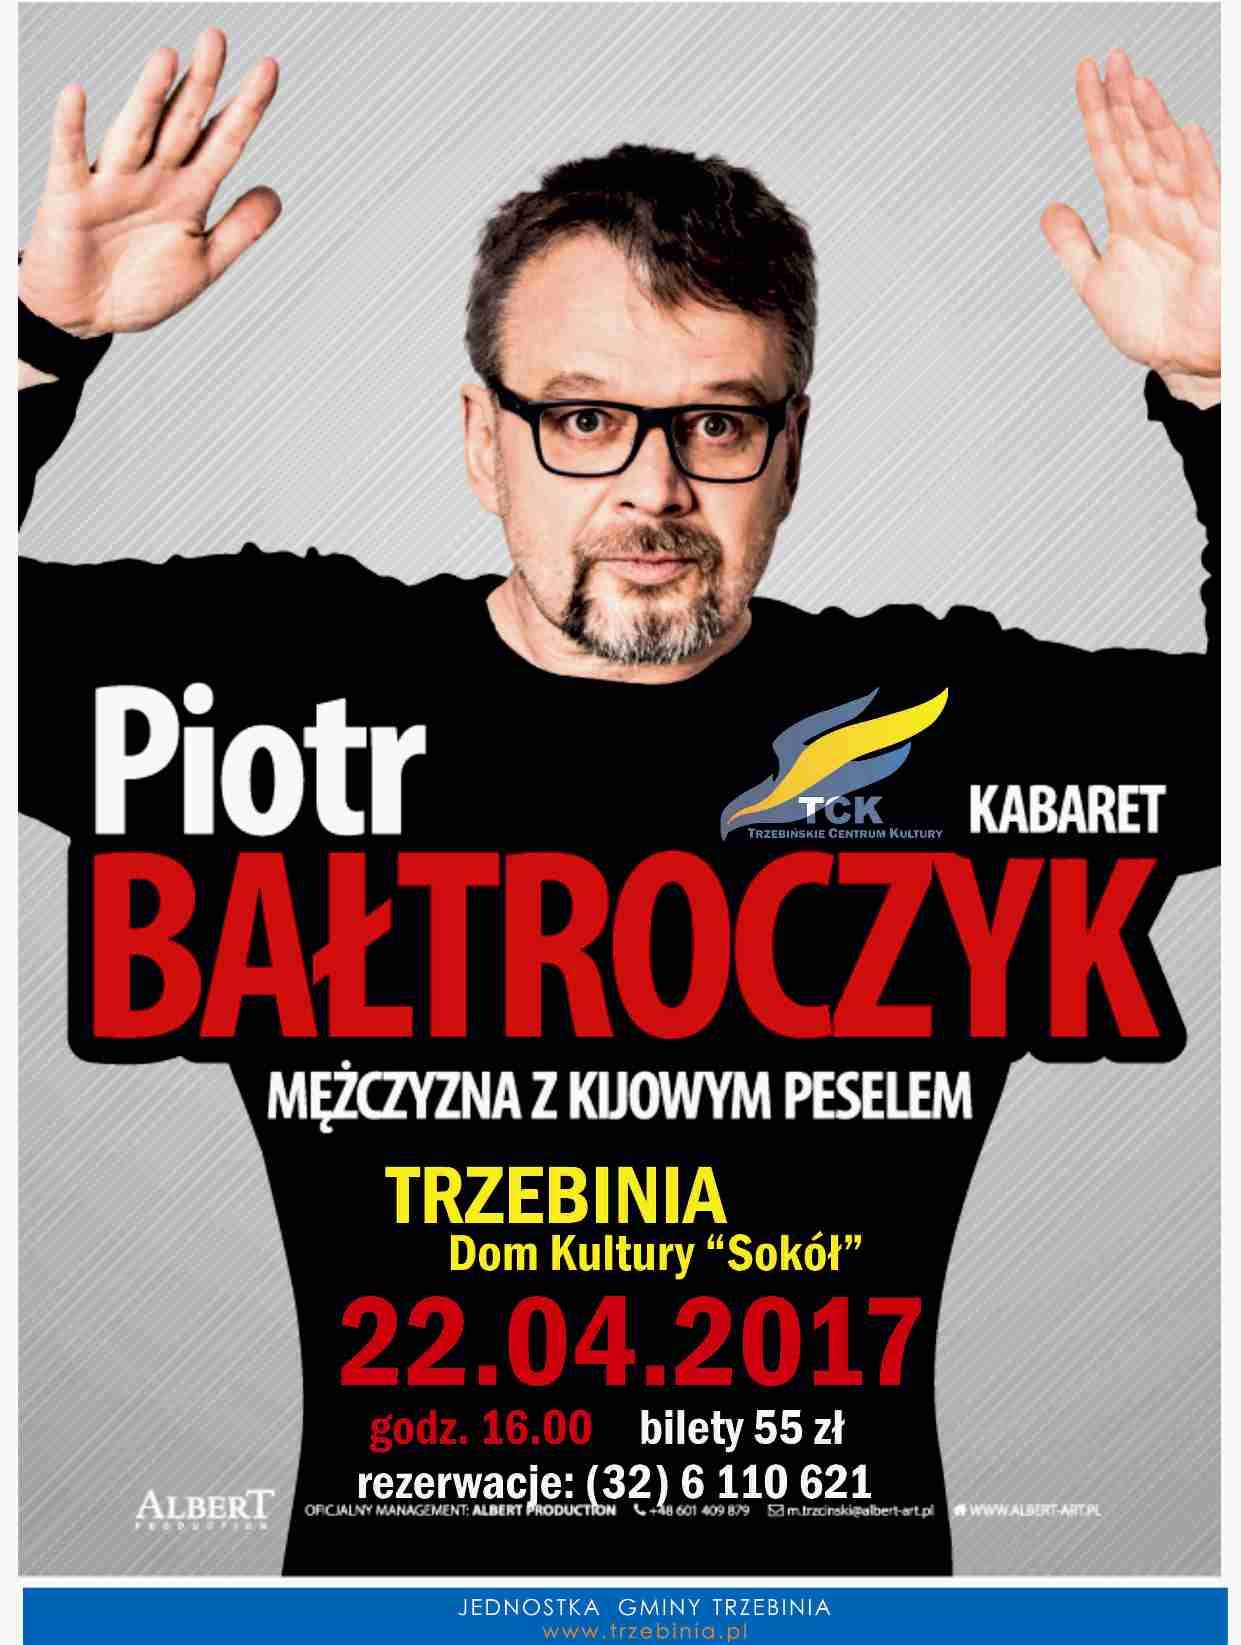 Piotr Bałtroczyk - kabaret